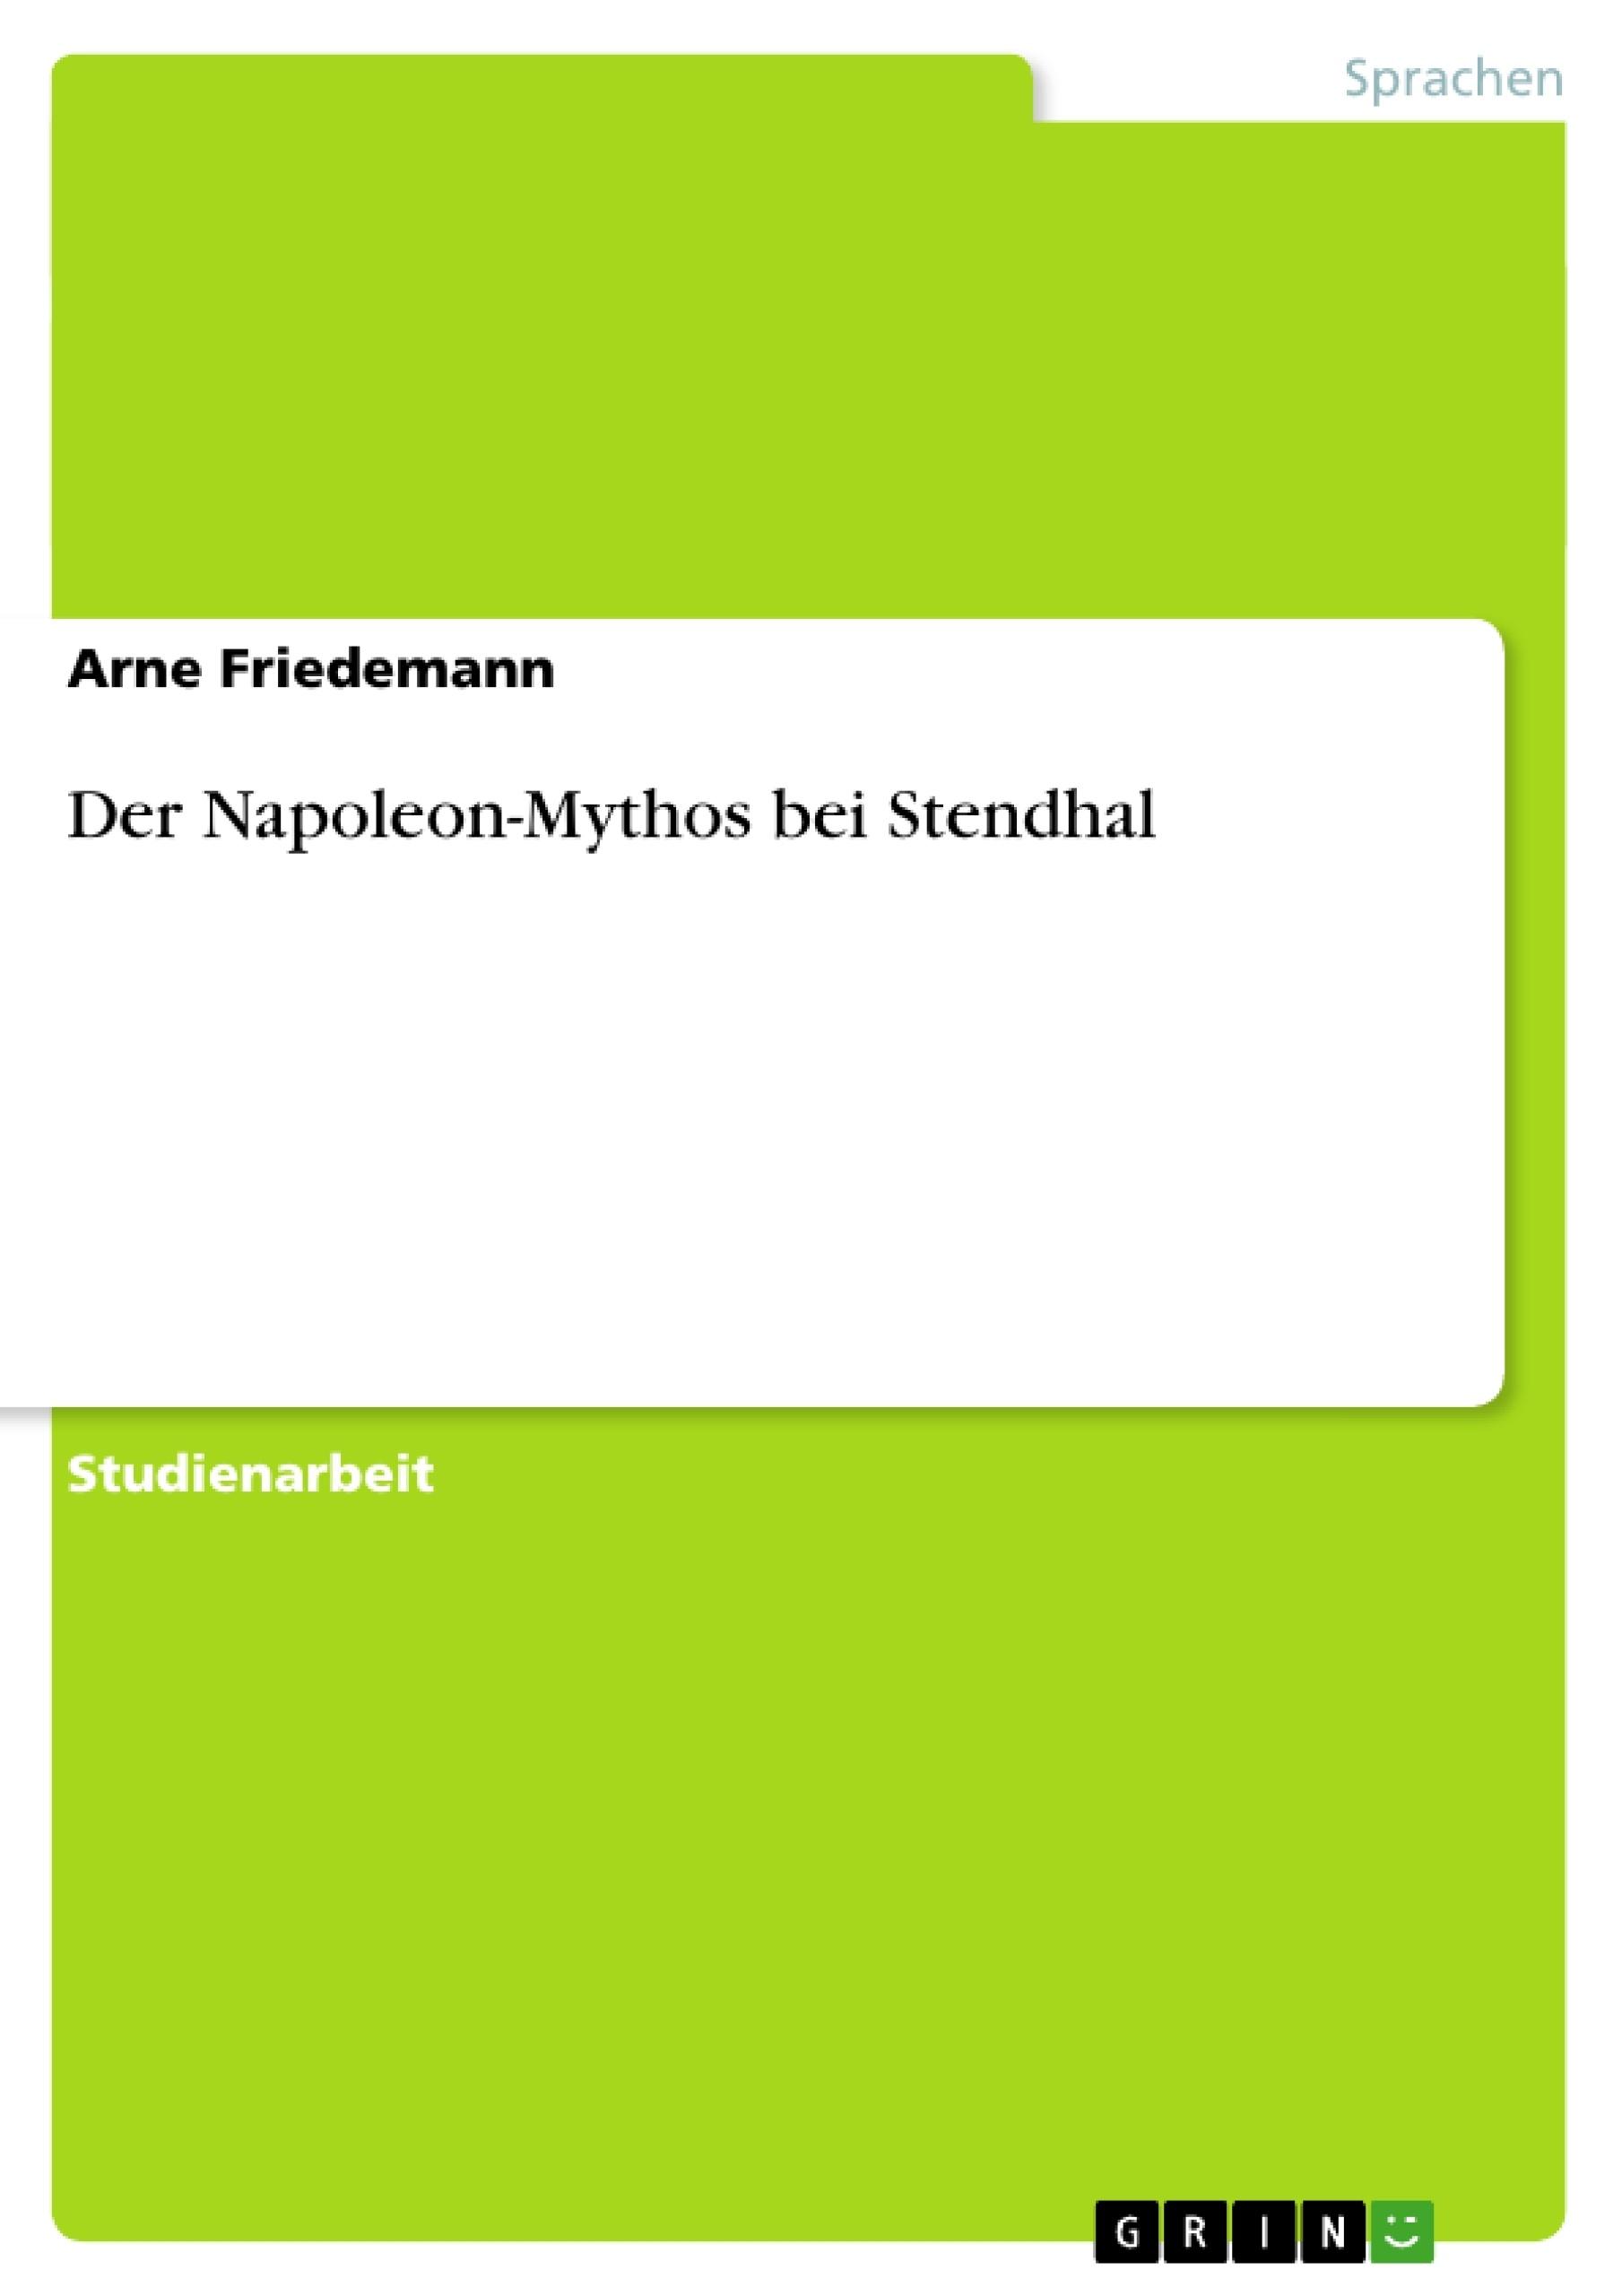 Titel: Der Napoleon-Mythos bei Stendhal